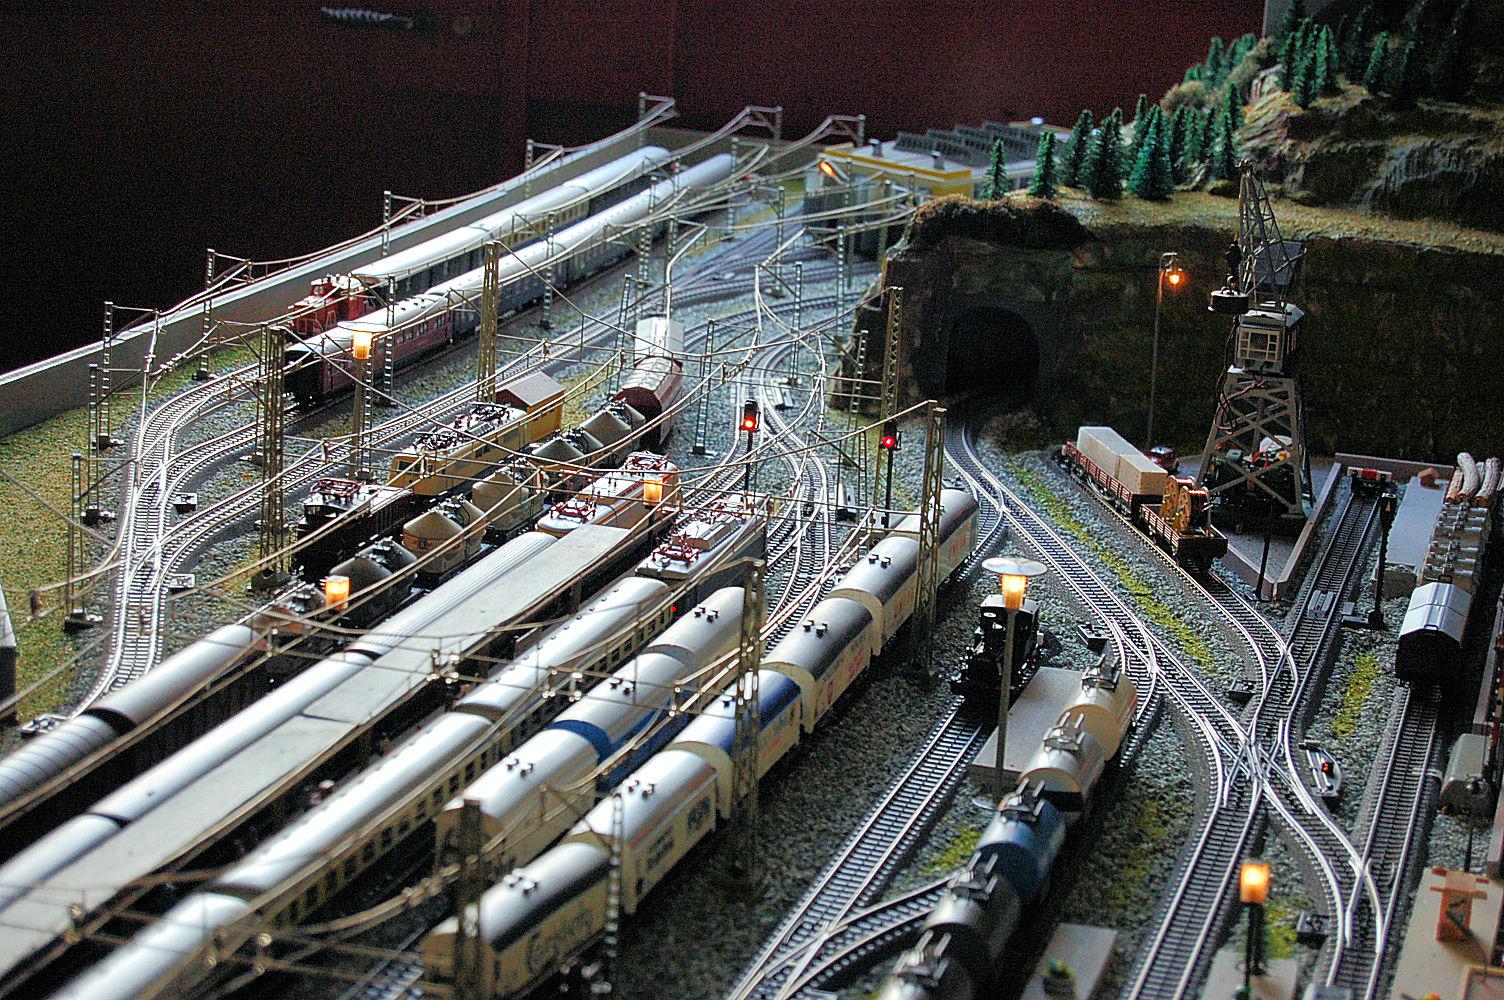 Schema Elettrico Per Plastico Ferroviario : Plastico ferroviario modellismo ferroviario